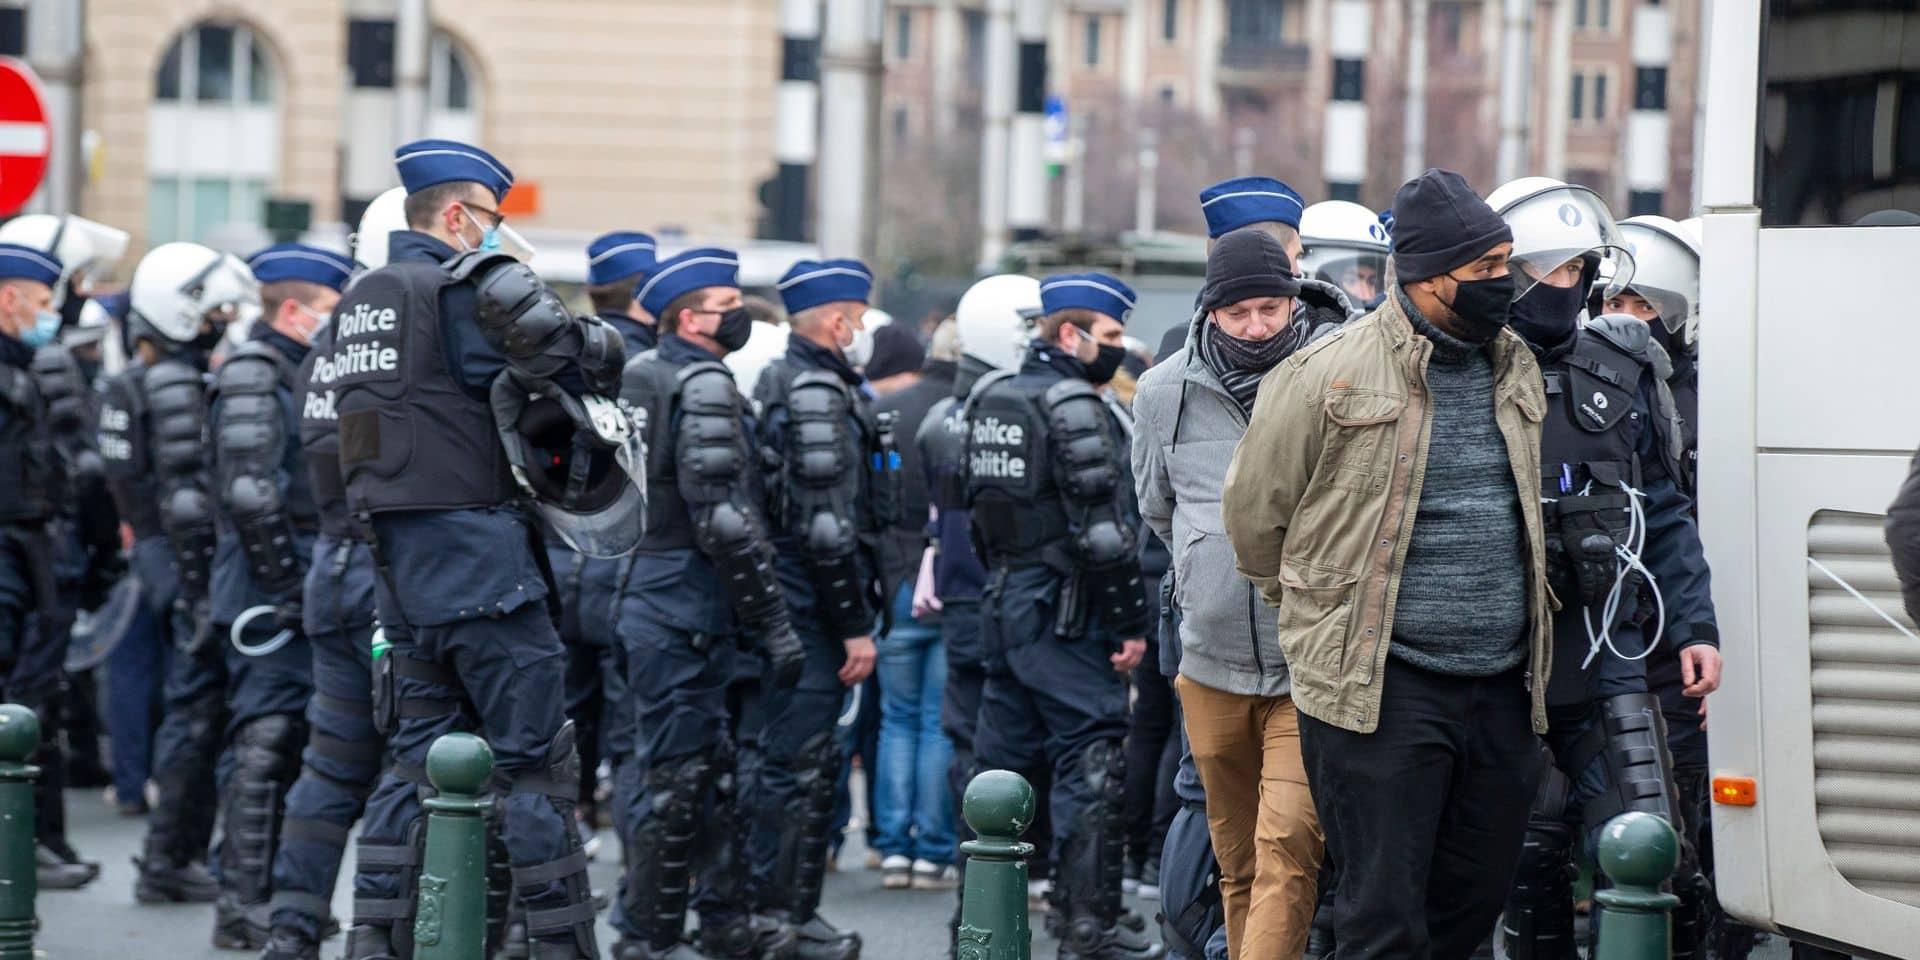 Manifestation contre les mesures Covid à Bruxelles: 330 personnes sur 488 ont été emmenées au commissariat